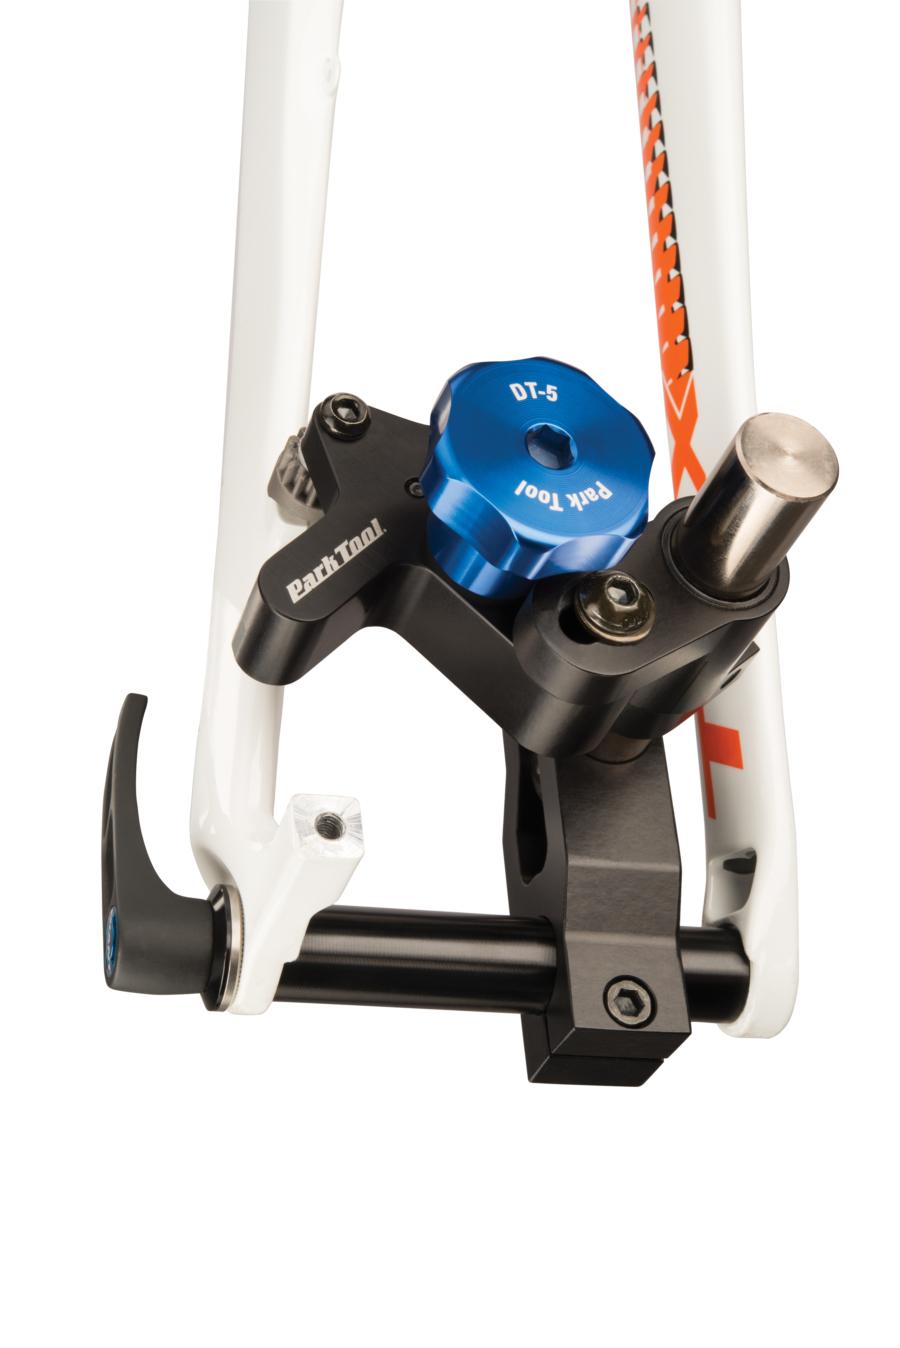 Park Tool DT-5 Disc Brake Mount Facing Set installed on thru axle facing post mount brake tab, enlarged